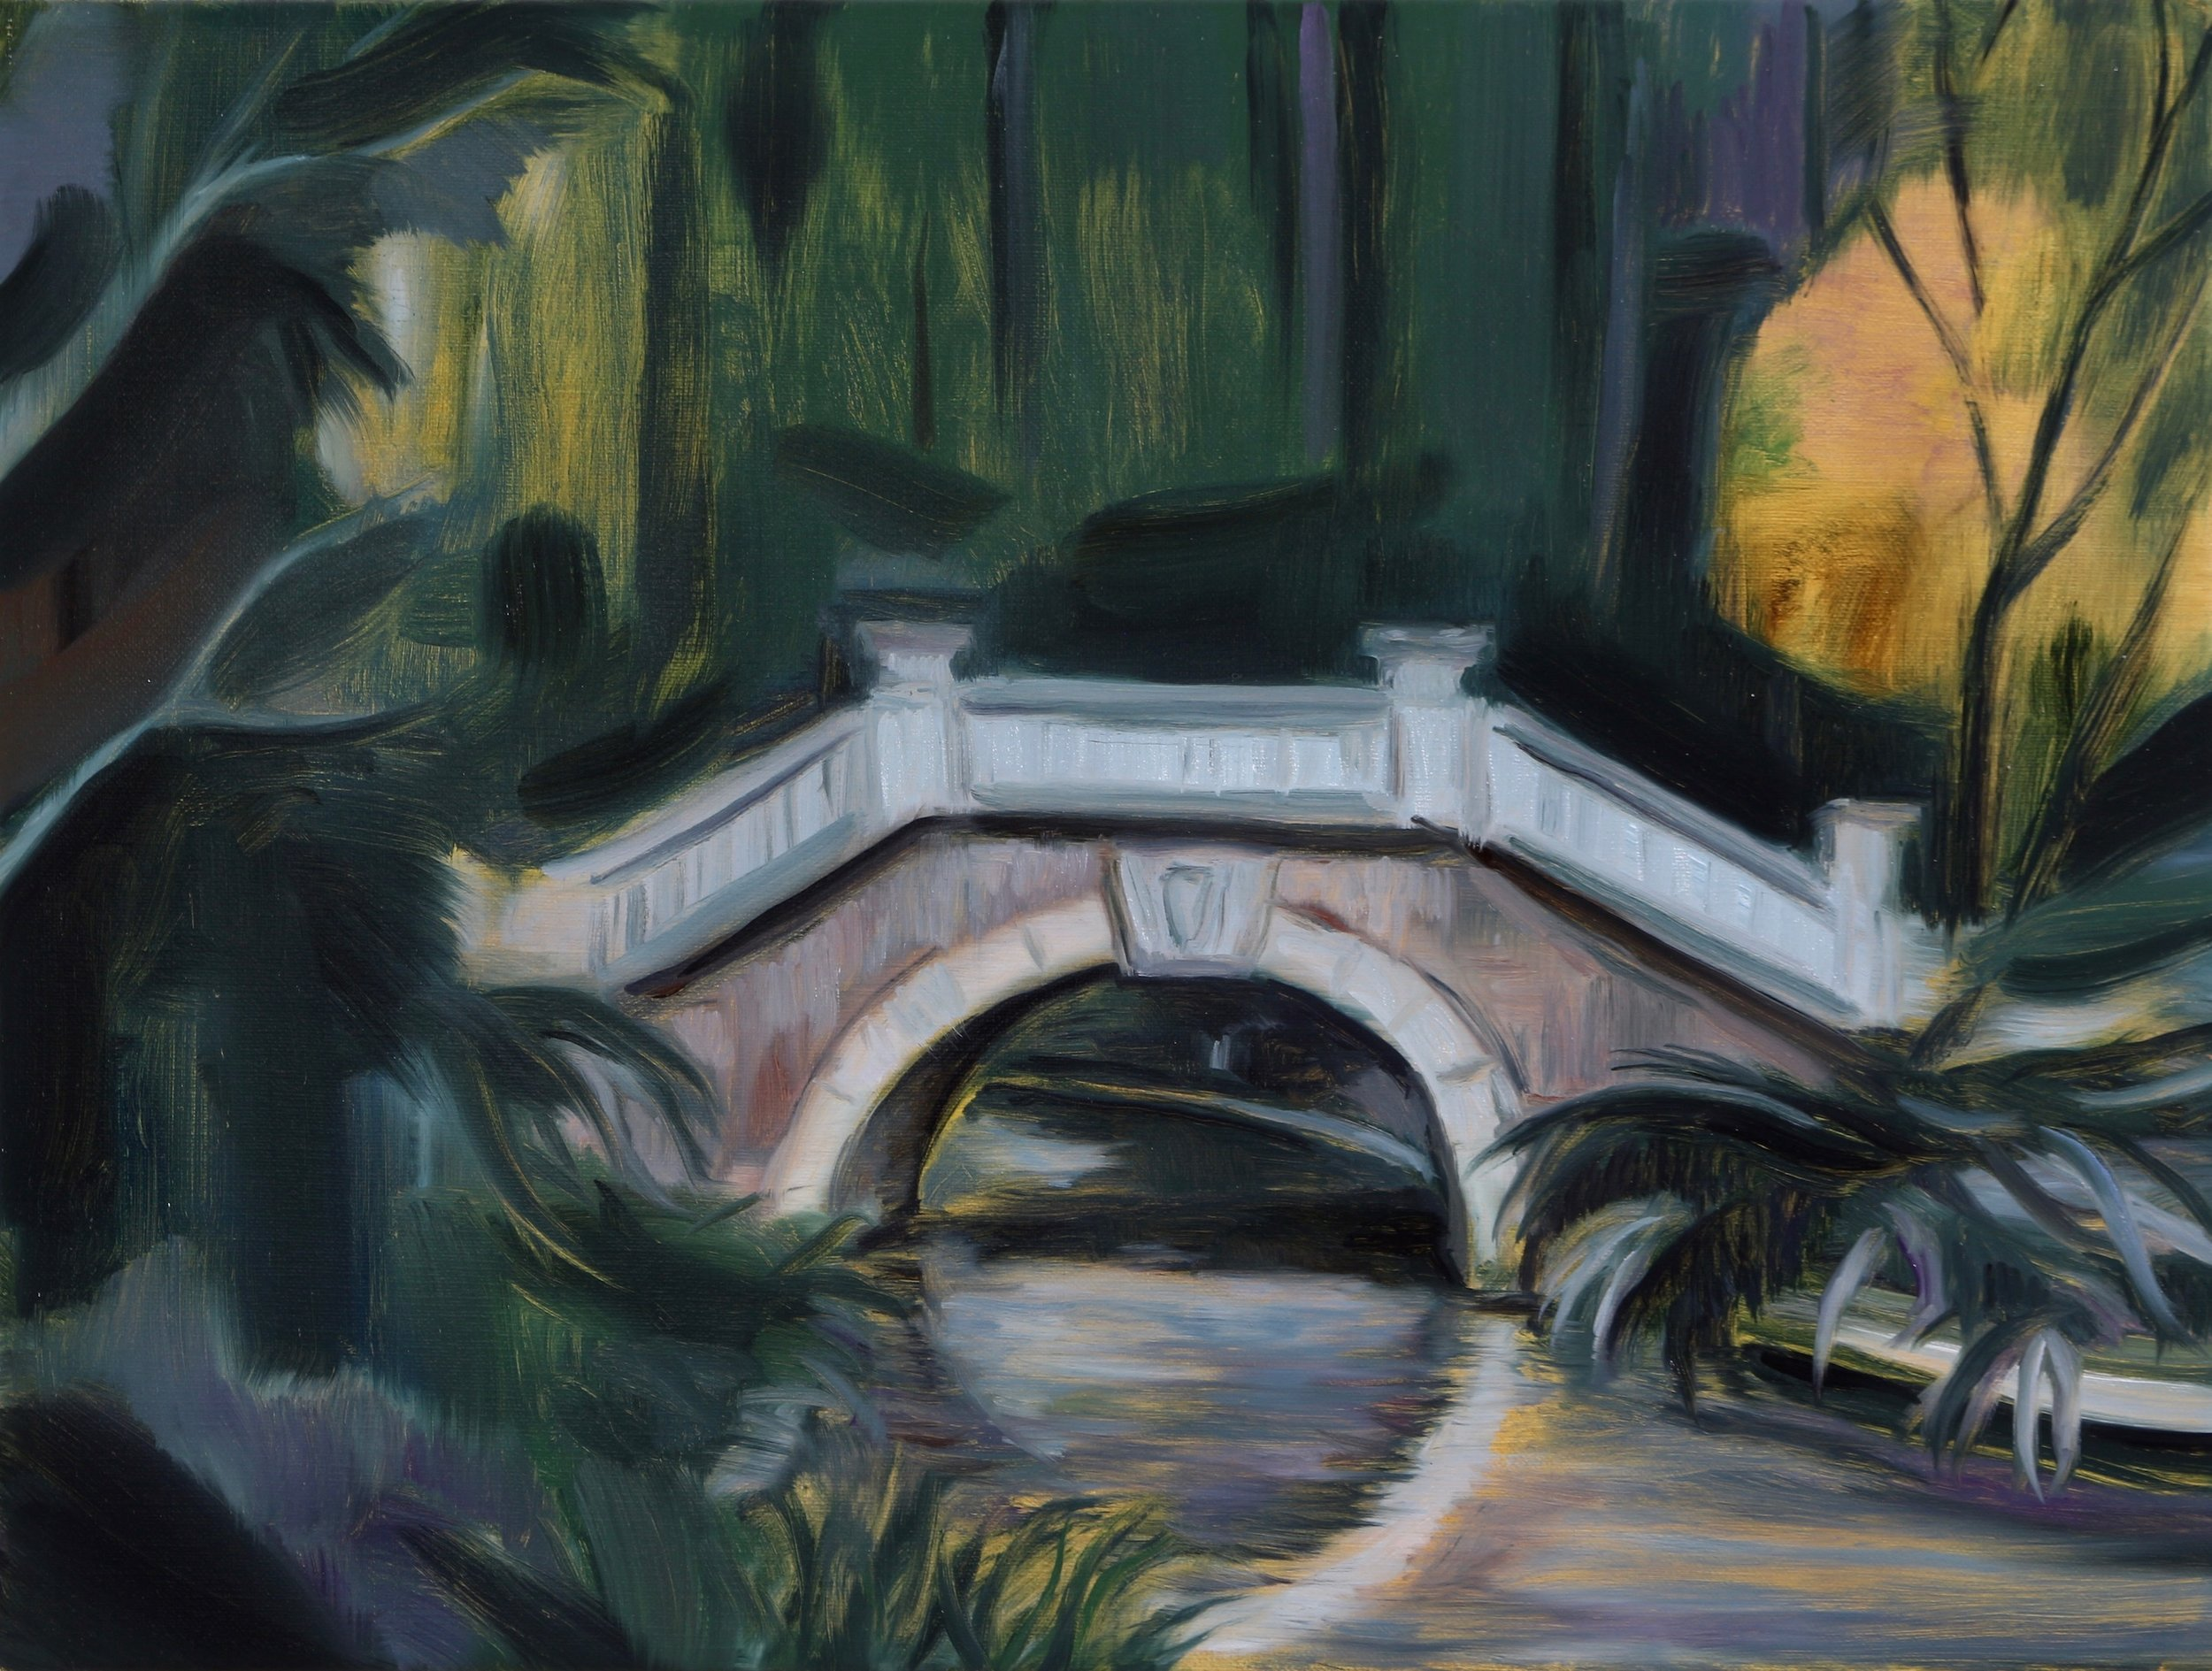 Parc Monceau (The Bridge), Oil on linen, 30x40cm, 2017